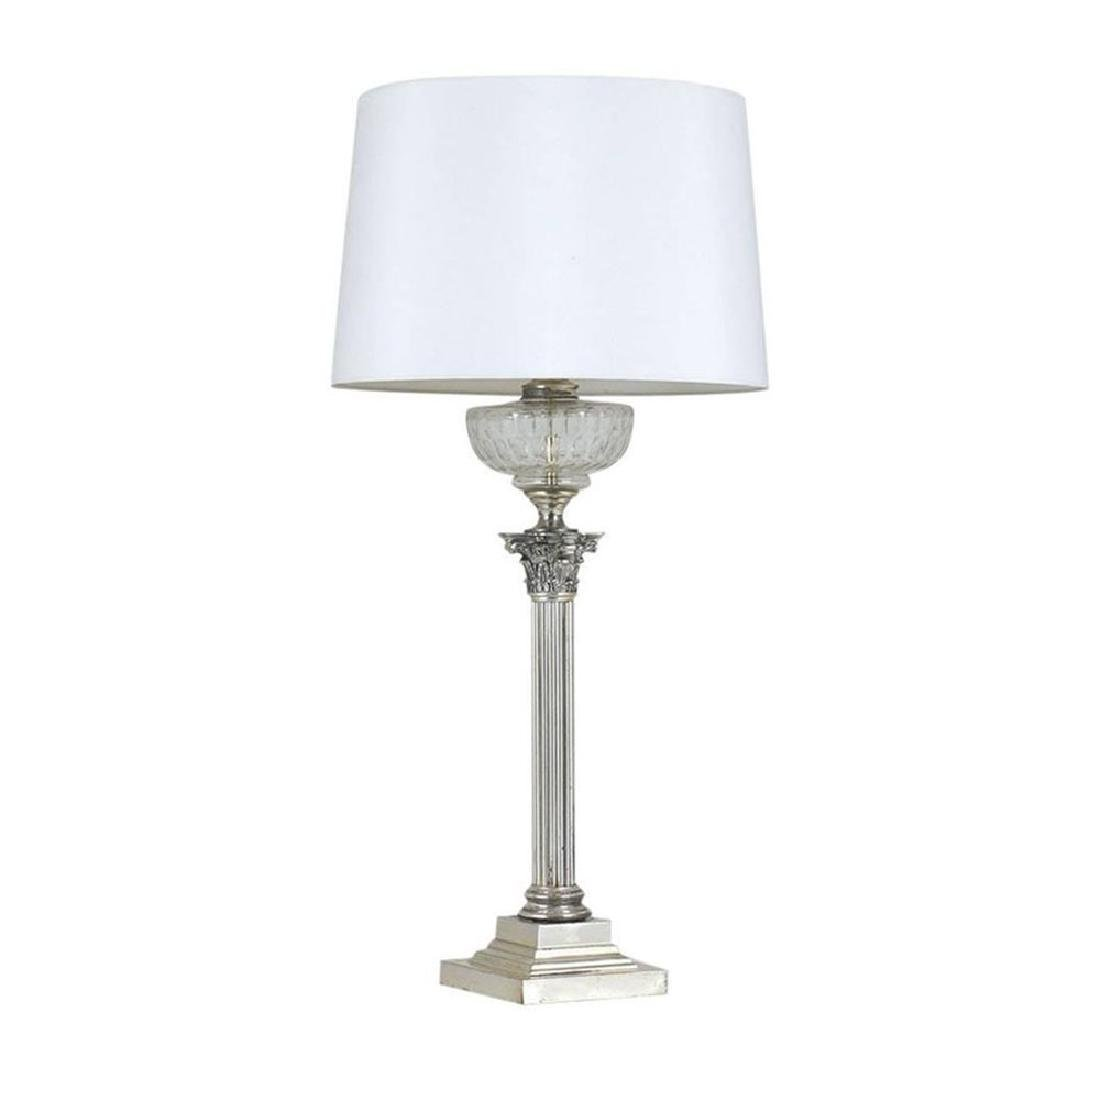 Regency-style Table Lamp